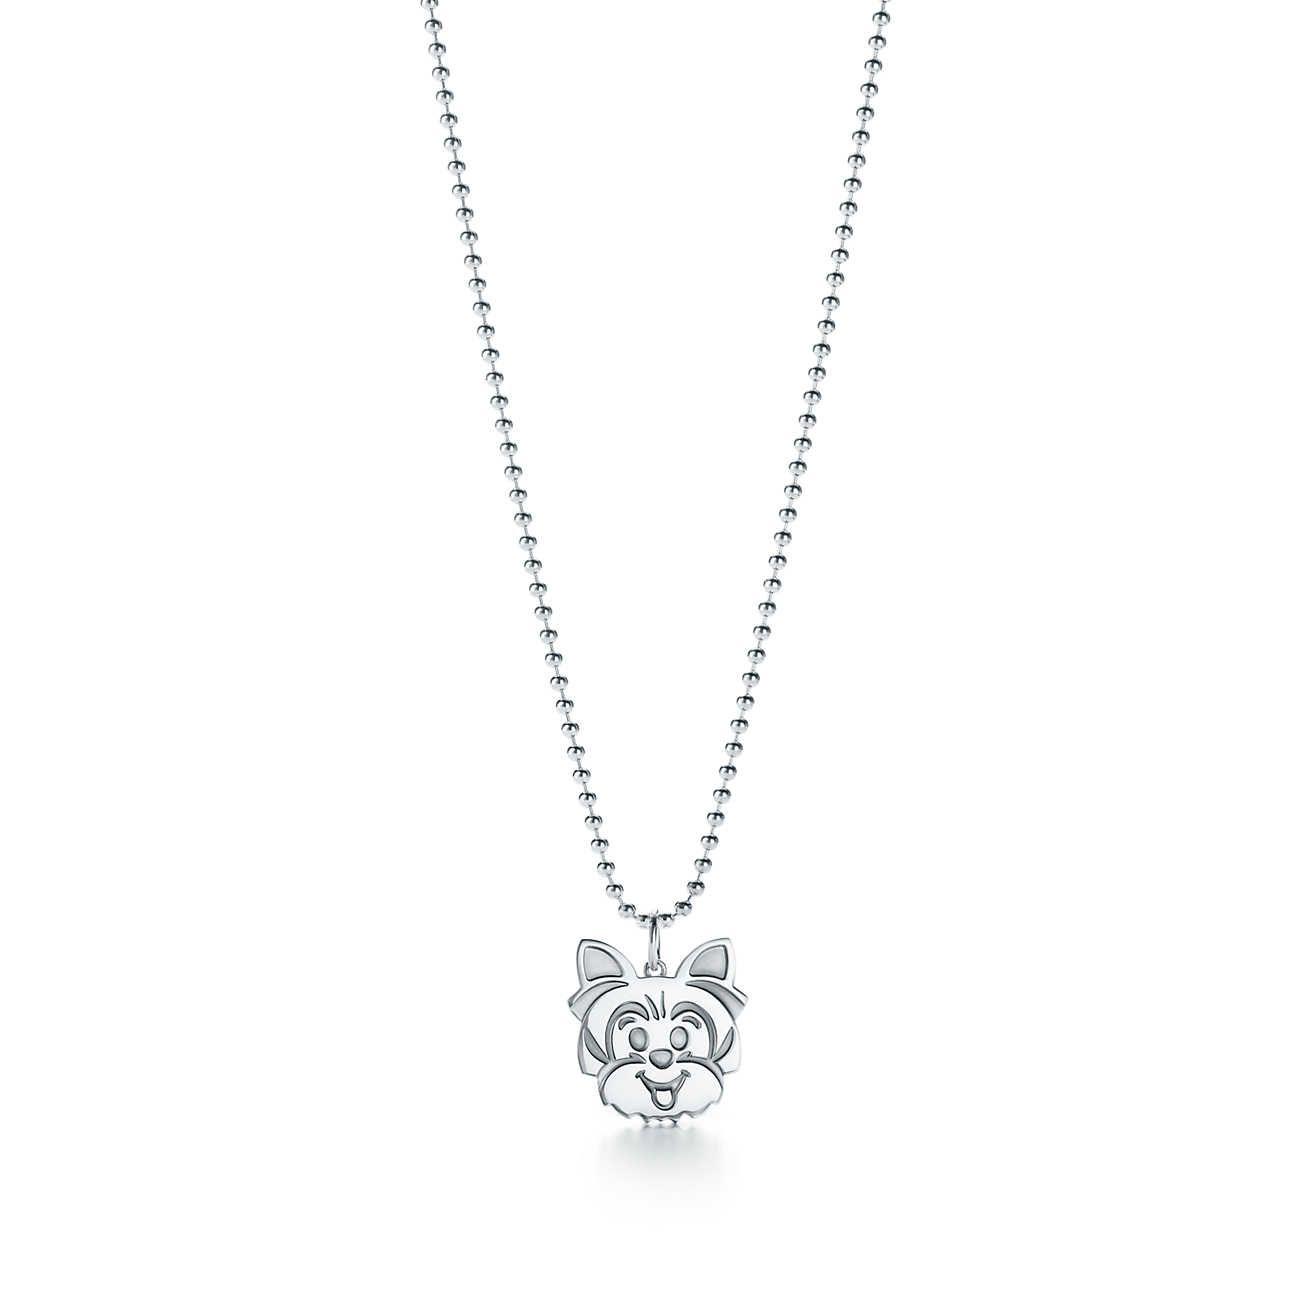 Tiffany tsmile pendant tiffany tiffany necklace and necklace charm tiffany yorkie pendant in sterling silver aloadofball Choice Image